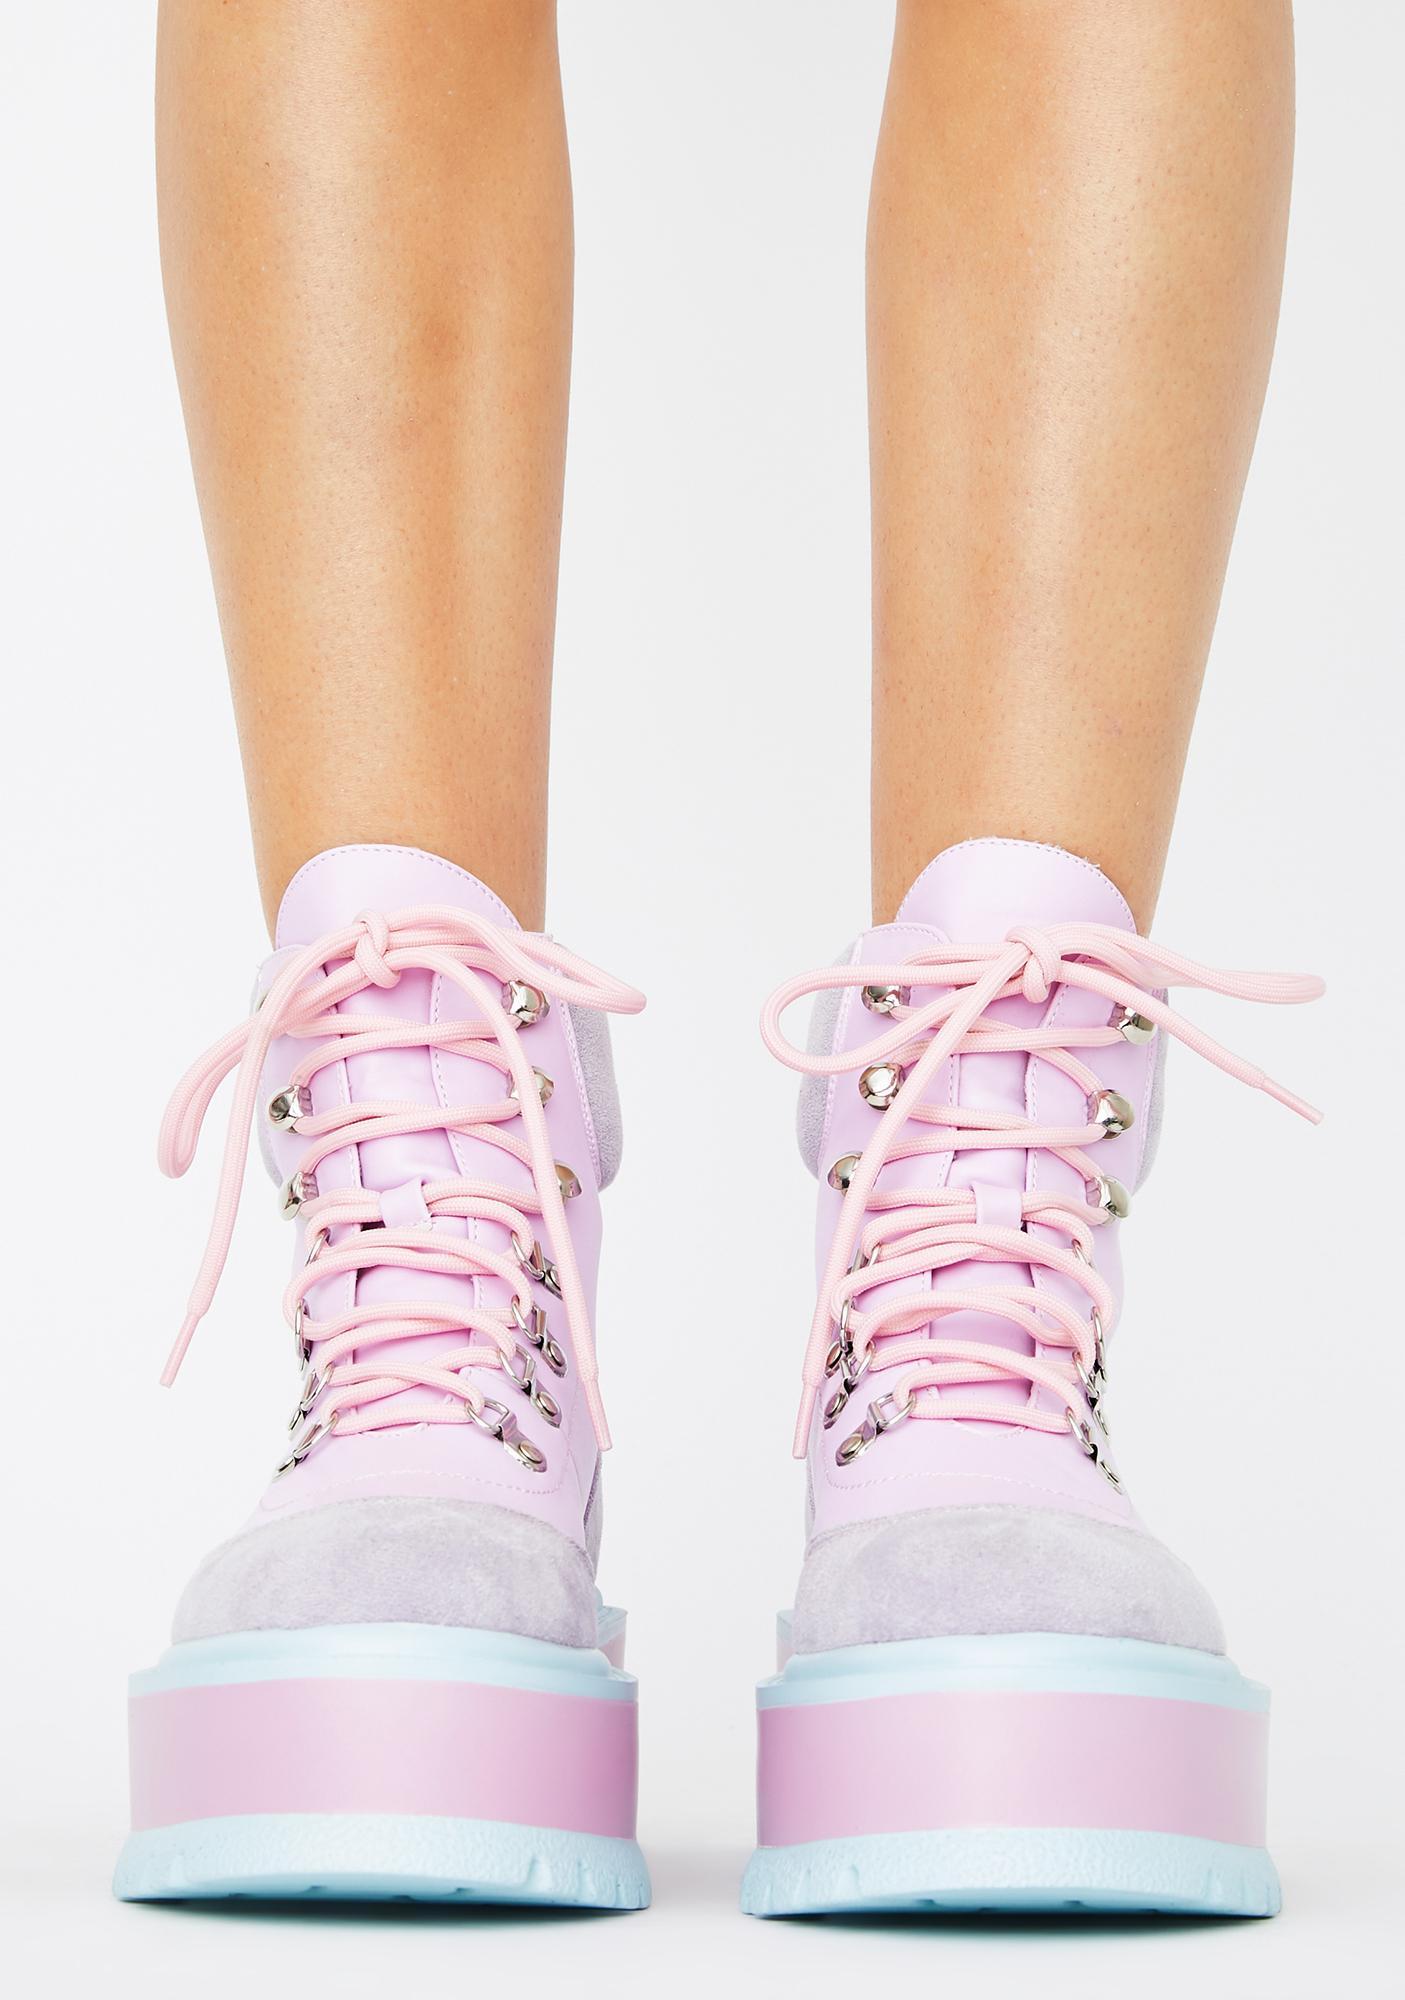 Koi Footwear Purple Hydra Matrix Platform Boots